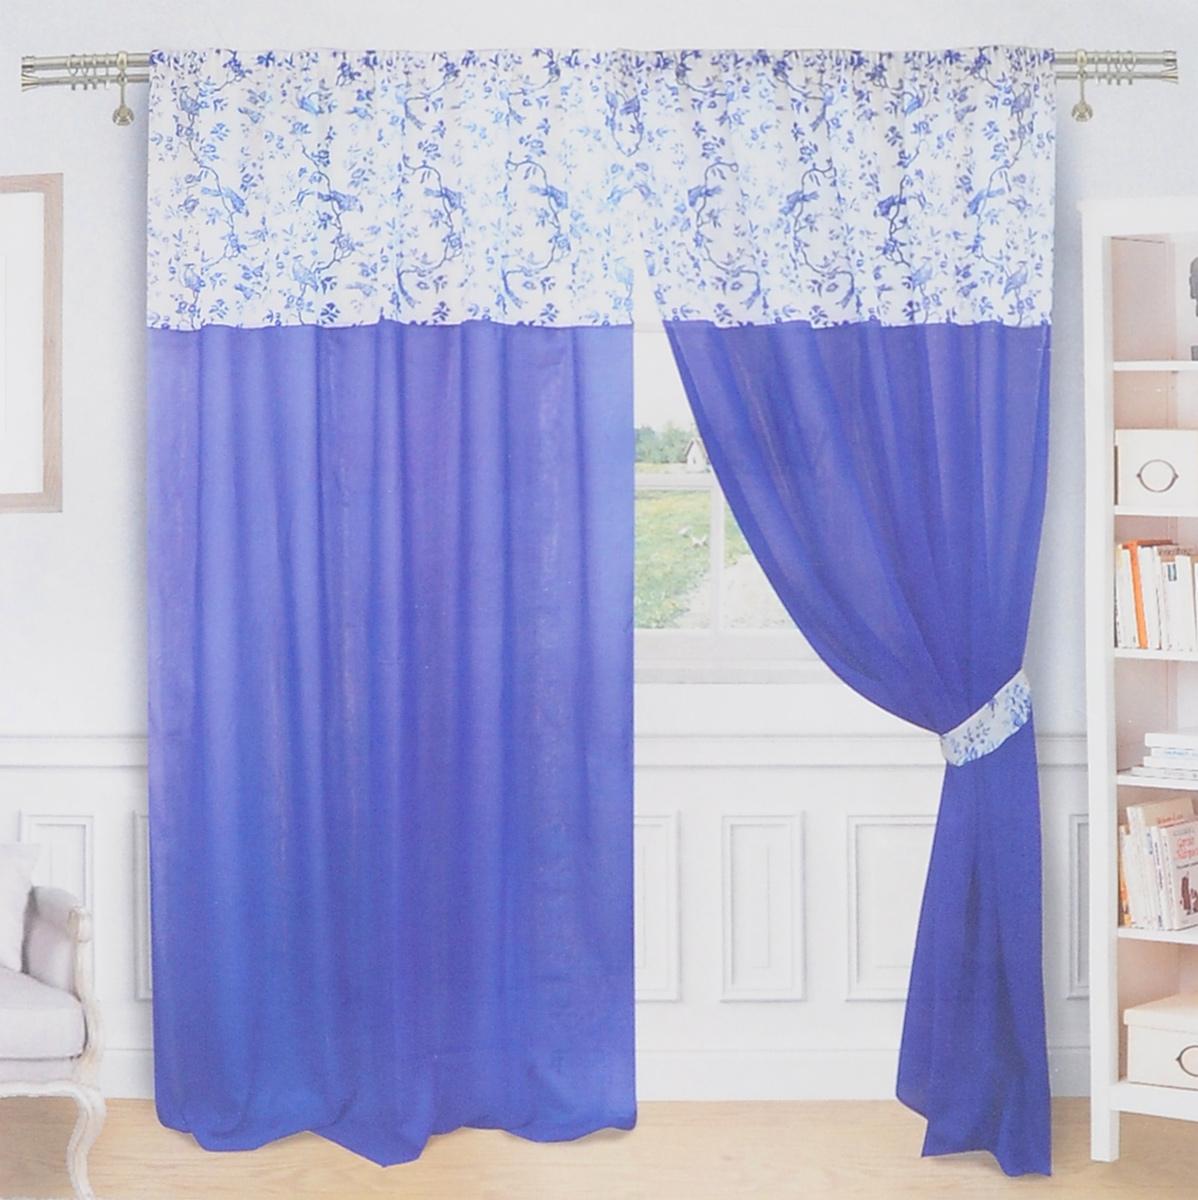 Комплект штор Zlata Korunka, на ленте, цвет: синий, белый, высота 250 см. 5557155571Роскошный комплект Zlata Korunka, выполненный из льна и полиэстера, великолепно украсит любое окно. Комплект состоит из двух портьер и двух подхватов. Плотная ткань и приятная, приглушенная цветовая гамма привлекут к себе внимание и органично впишутся в интерьер помещения. Комплект крепится на карниз при помощи шторной ленты, которая поможет красиво и равномерно задрапировать верх. Портьеры можно зафиксировать в одном положении с помощью двух подхватов. Этот комплект будет долгое время радовать вас и вашу семью! В комплект входит: Портьера: 2 шт. Размер (ШхВ): 180 см х 250 см. Подхват: 2 шт. Размер (ШхВ): 65 см х 9,5 см.